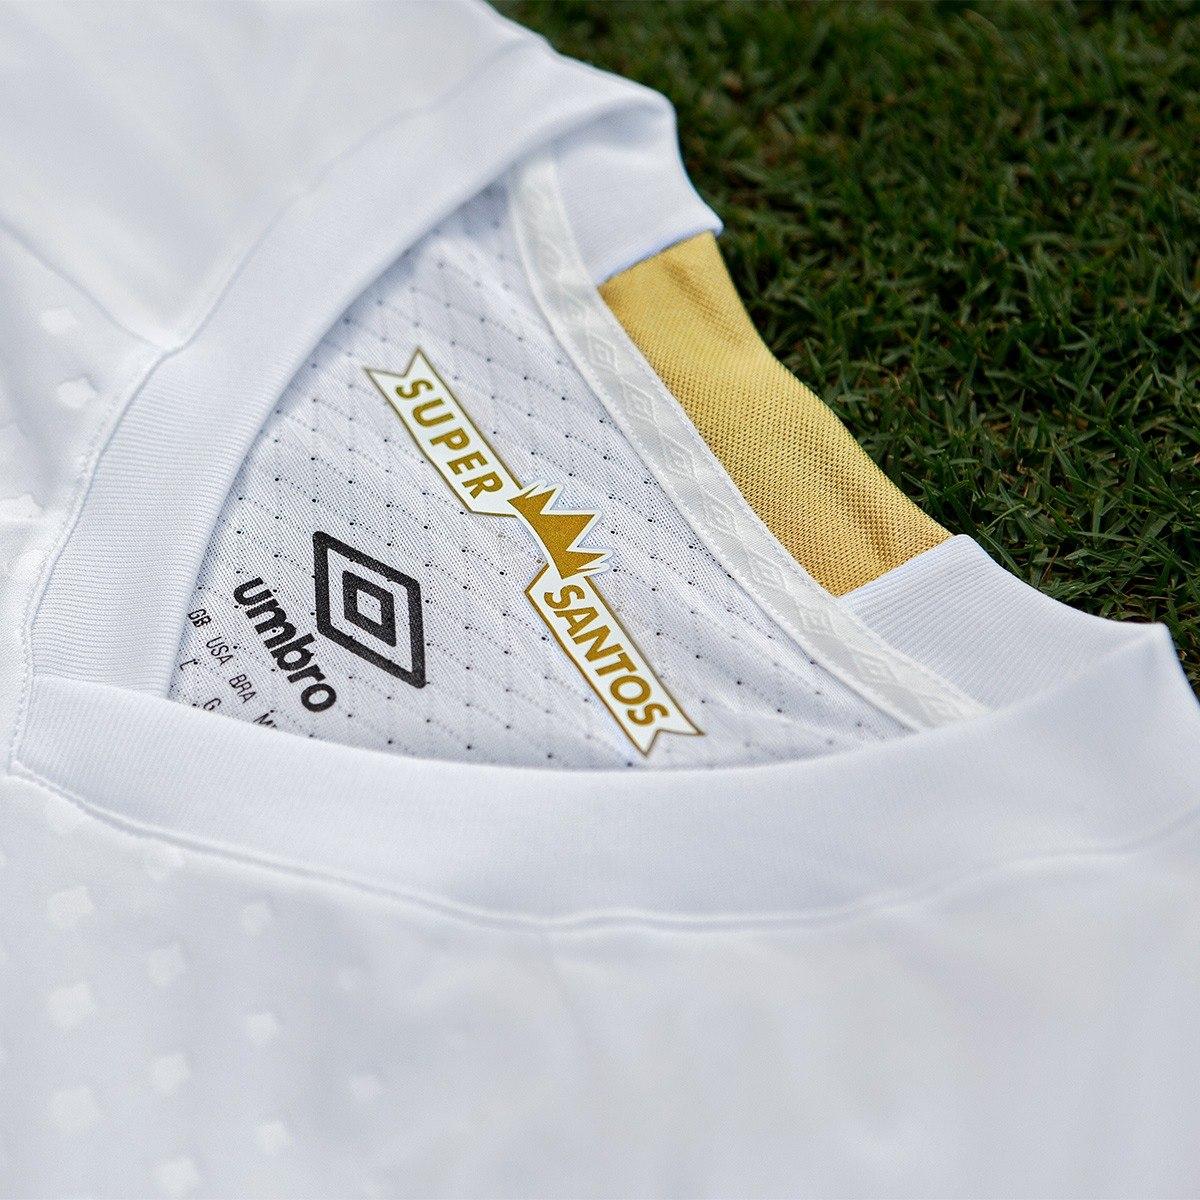 ed6da5c160e camisa oficial do santos i 2018 umbro masculina oficial. Carregando zoom.